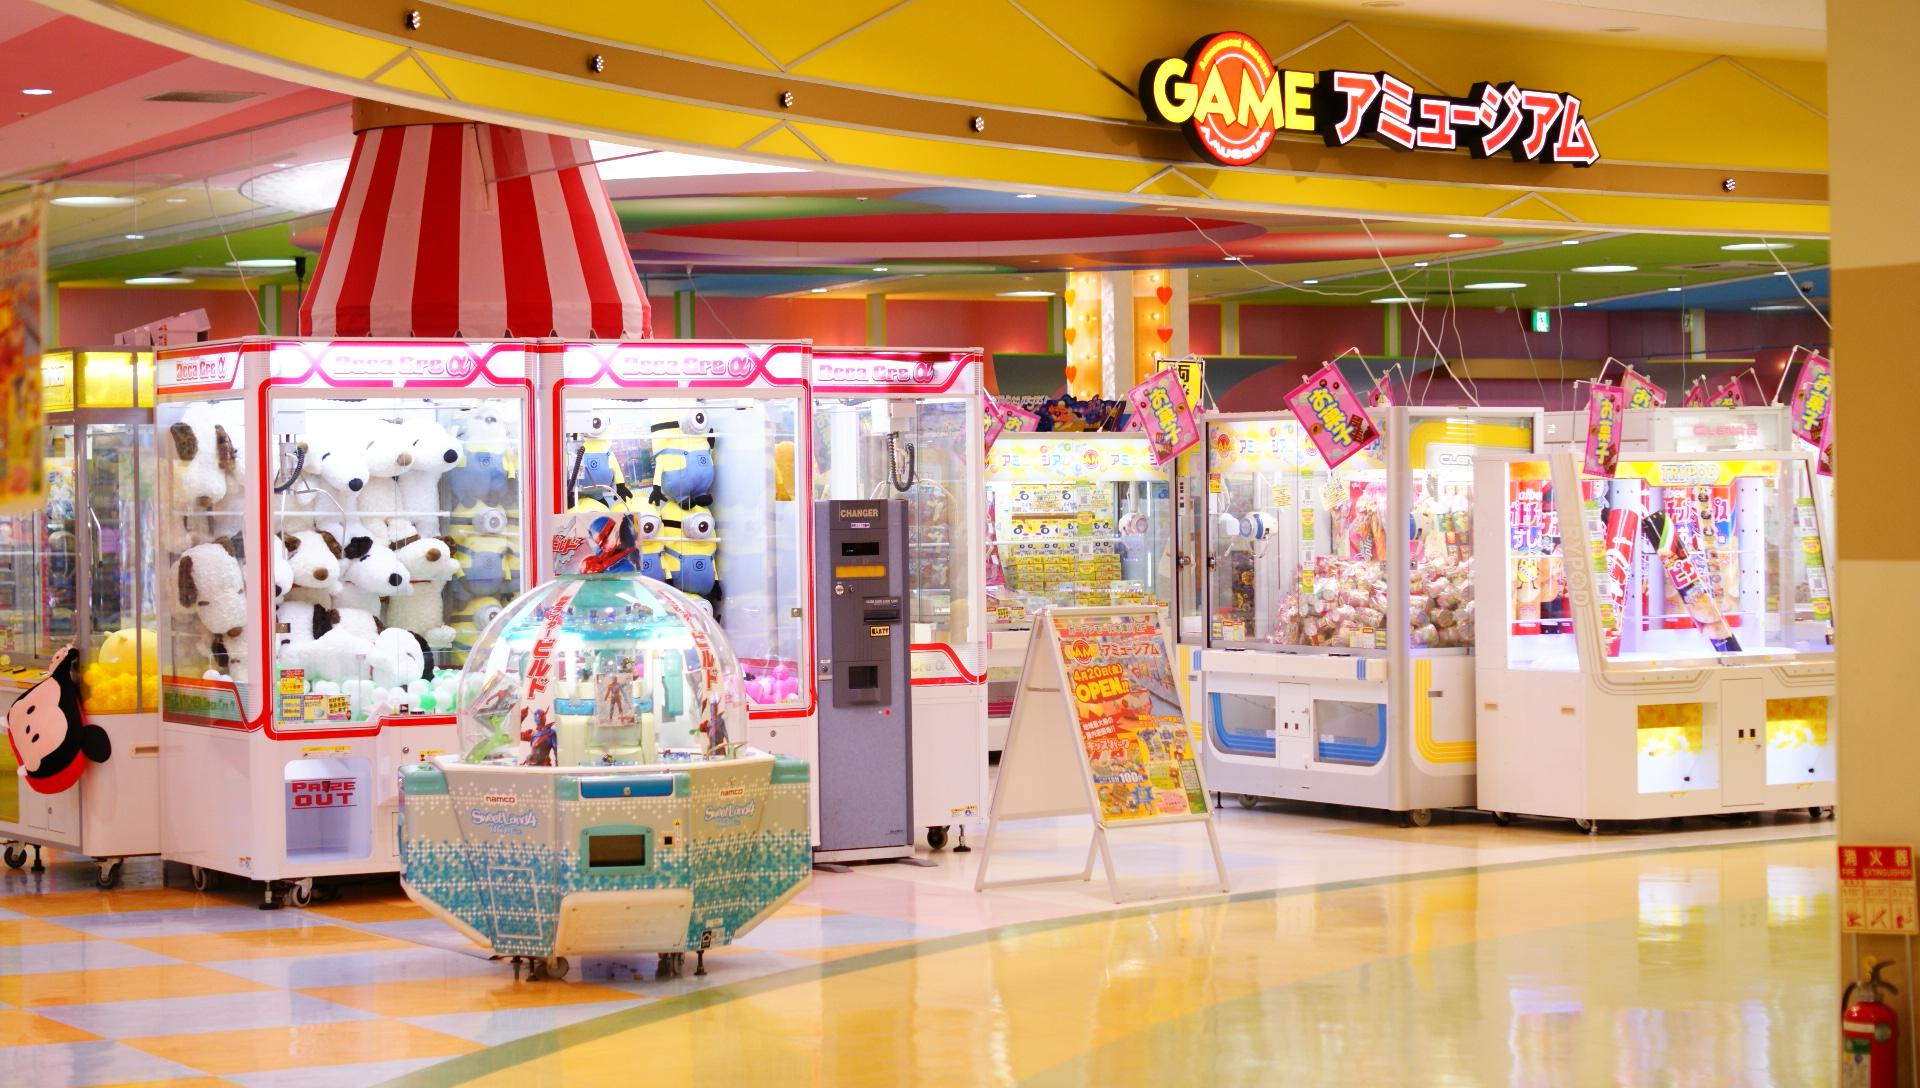 アミュージアム木津川店 近畿エリア アミュージアム【公式】ゲームセンター